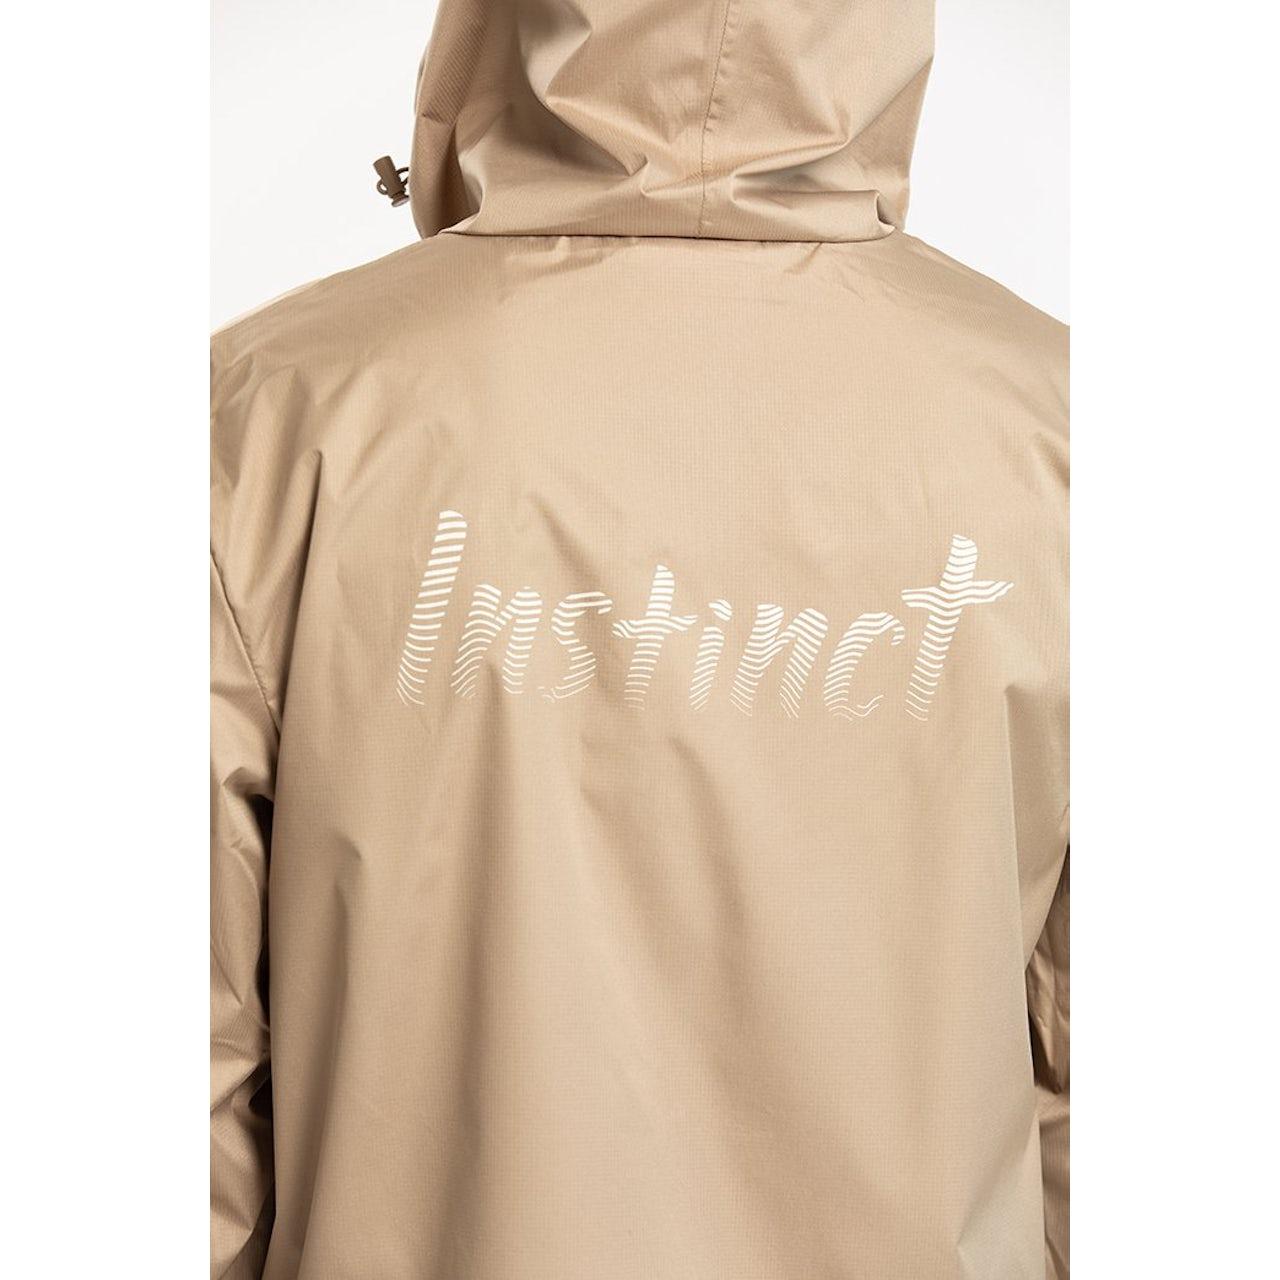 Monstercat Instinct Vol  3 Elevation Zip Jacket